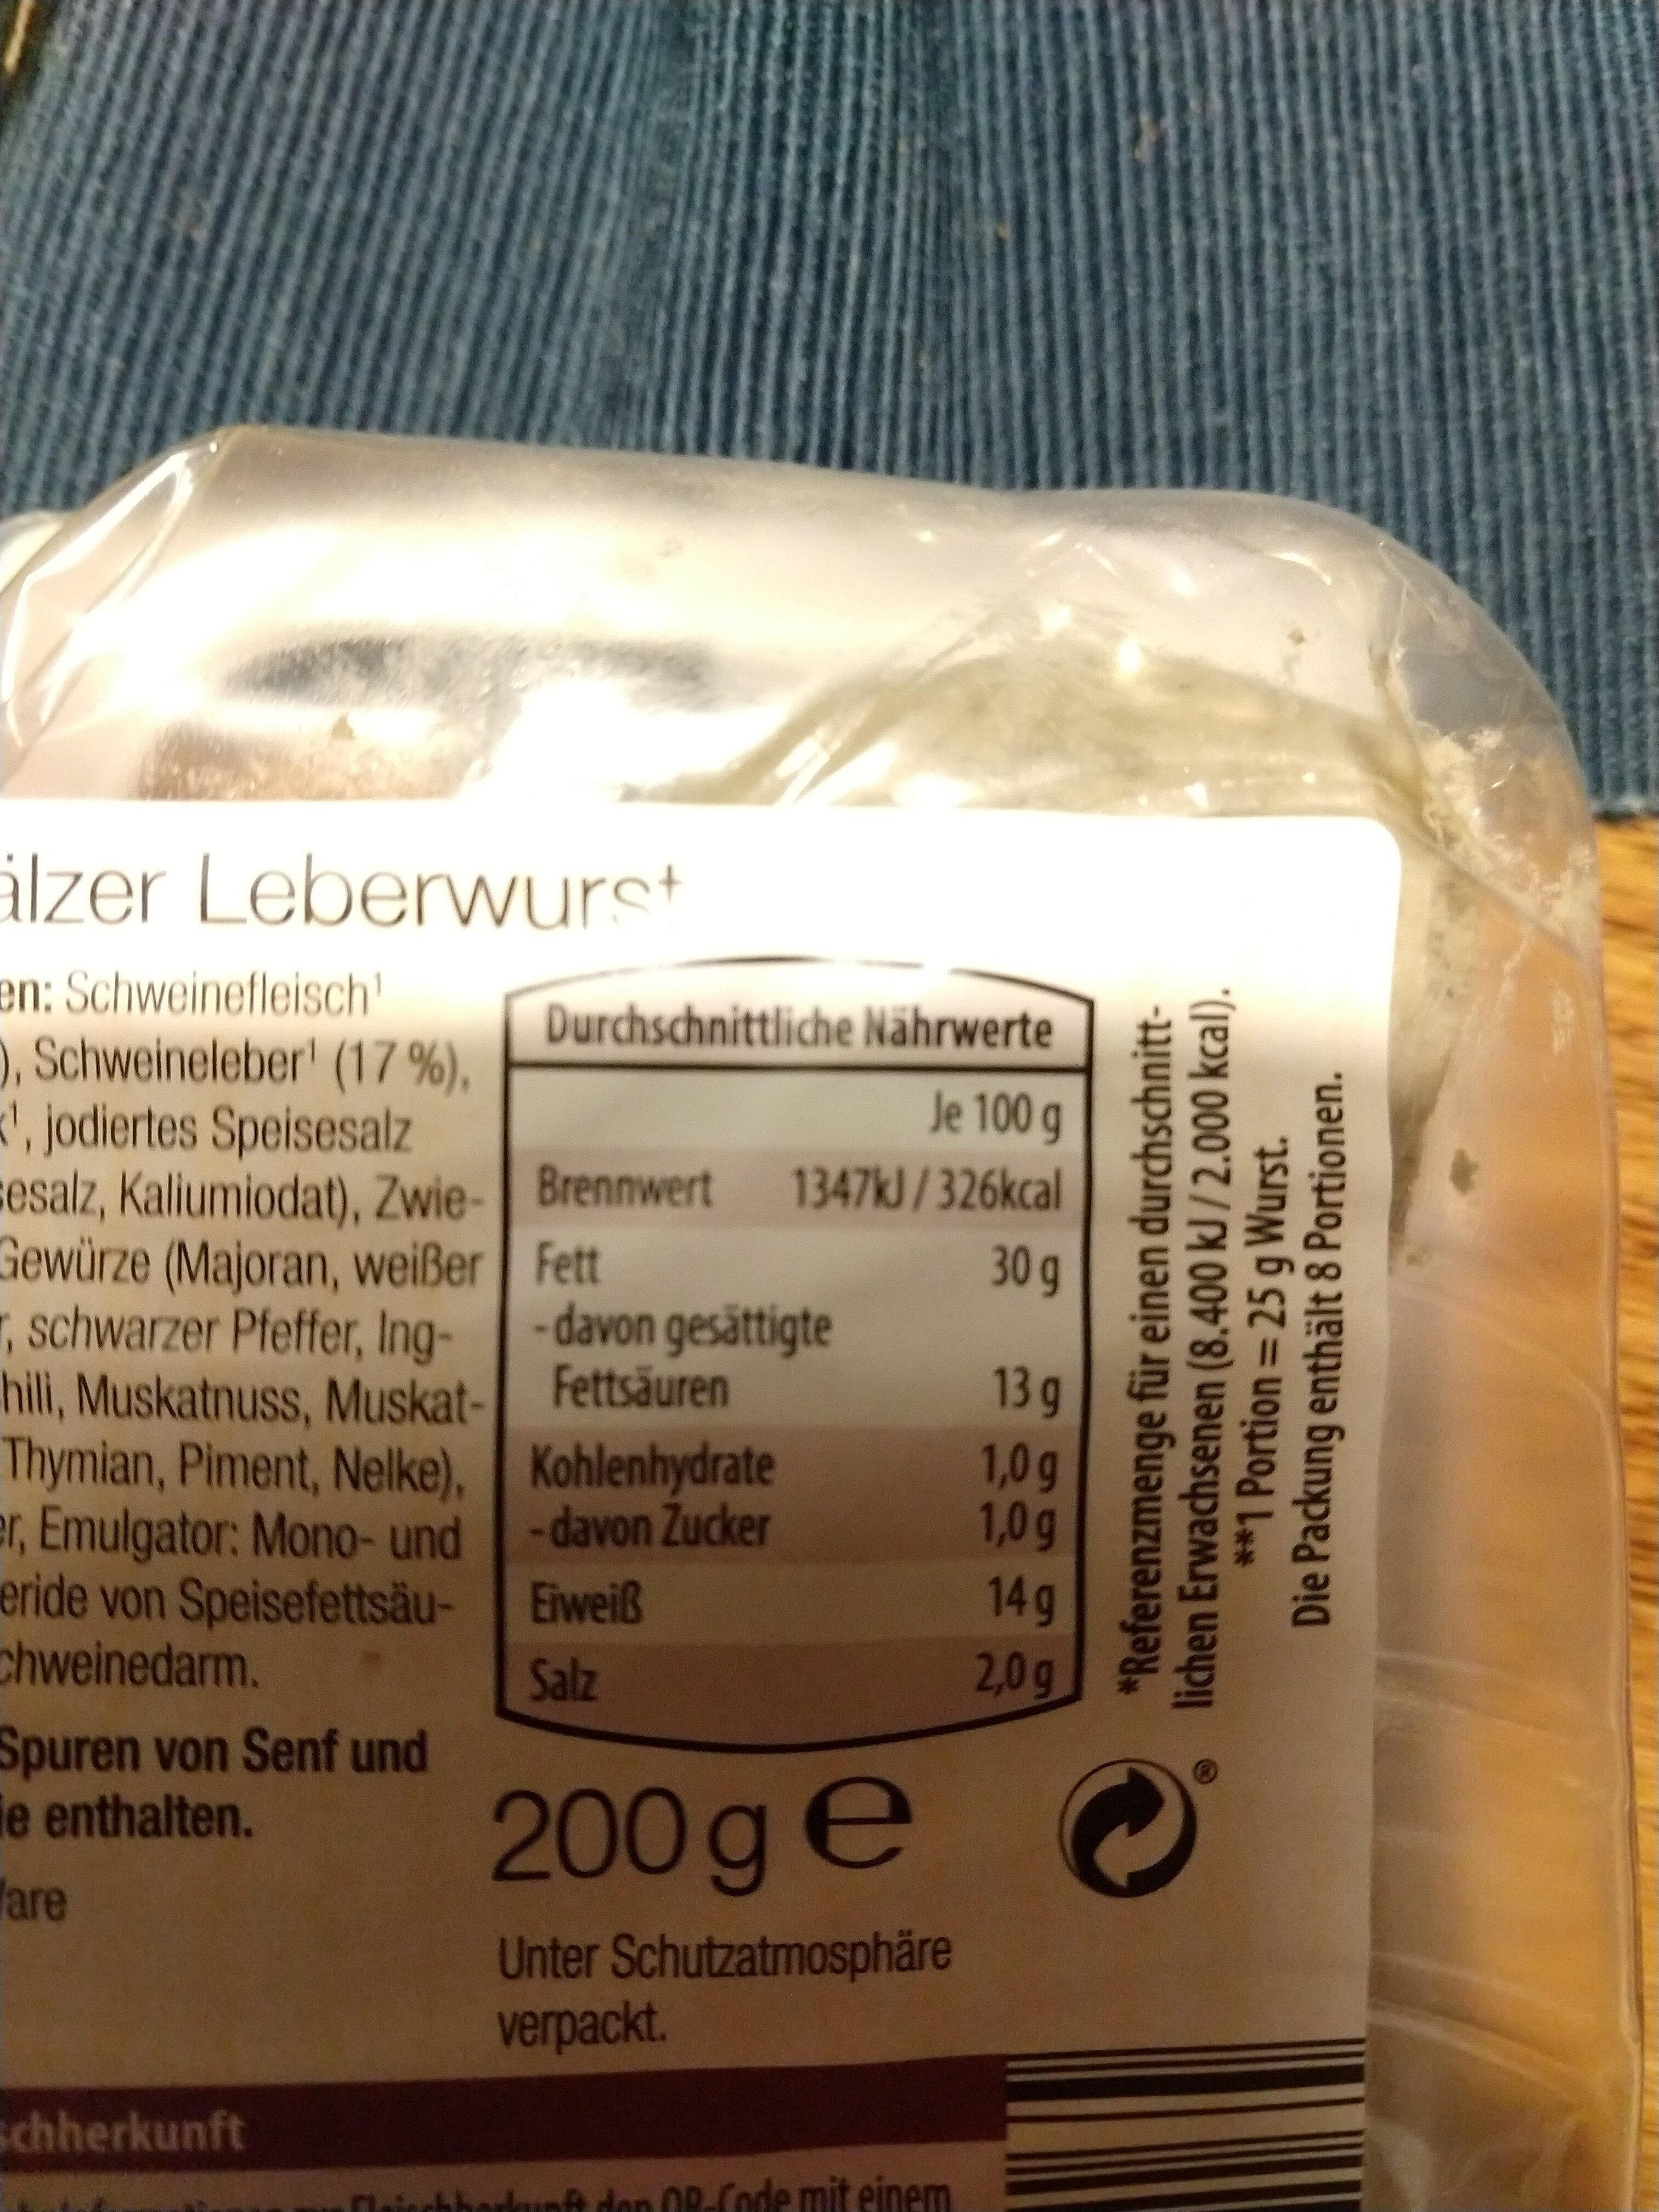 Pfälzer Leberwurst - Nutrition facts - de